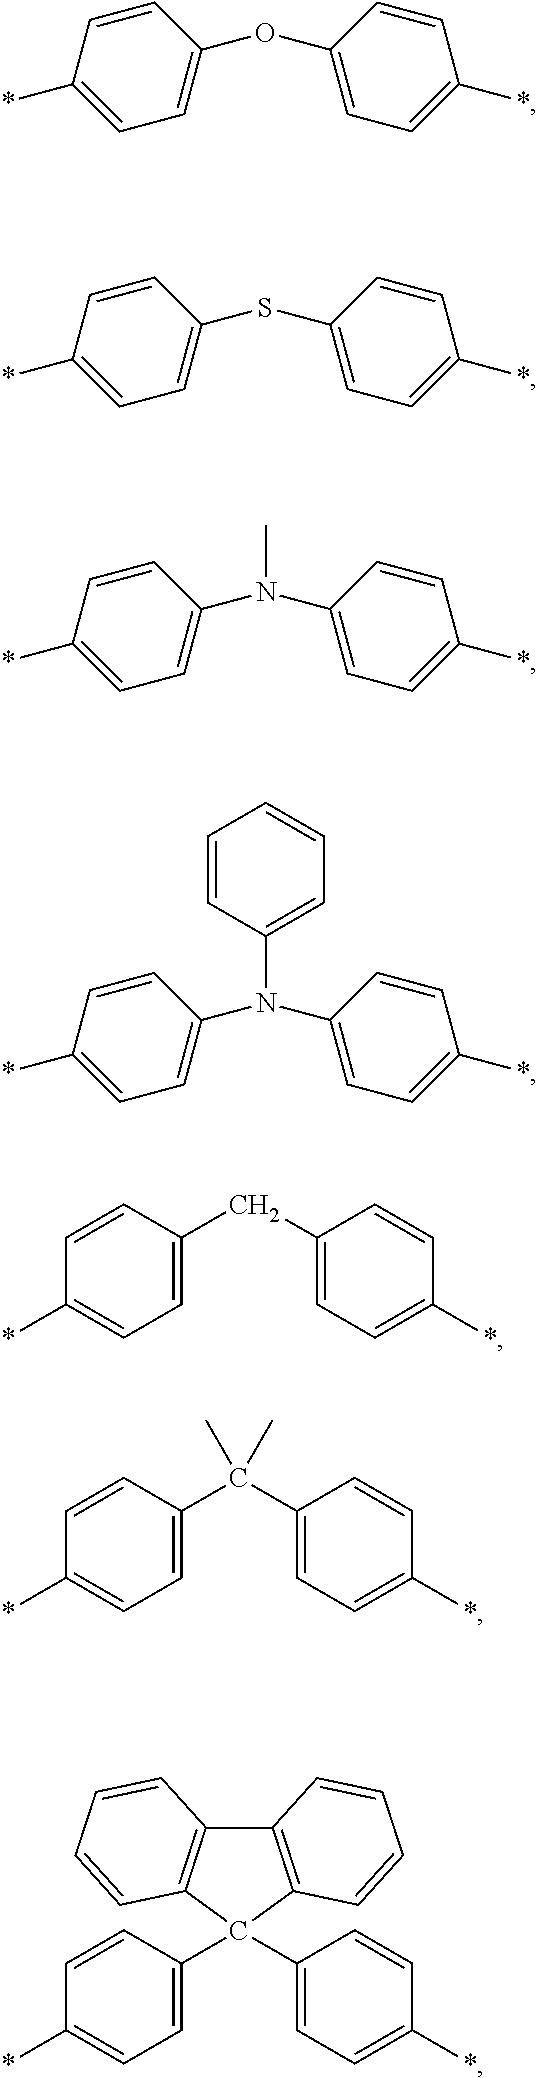 Figure US09586824-20170307-C00021